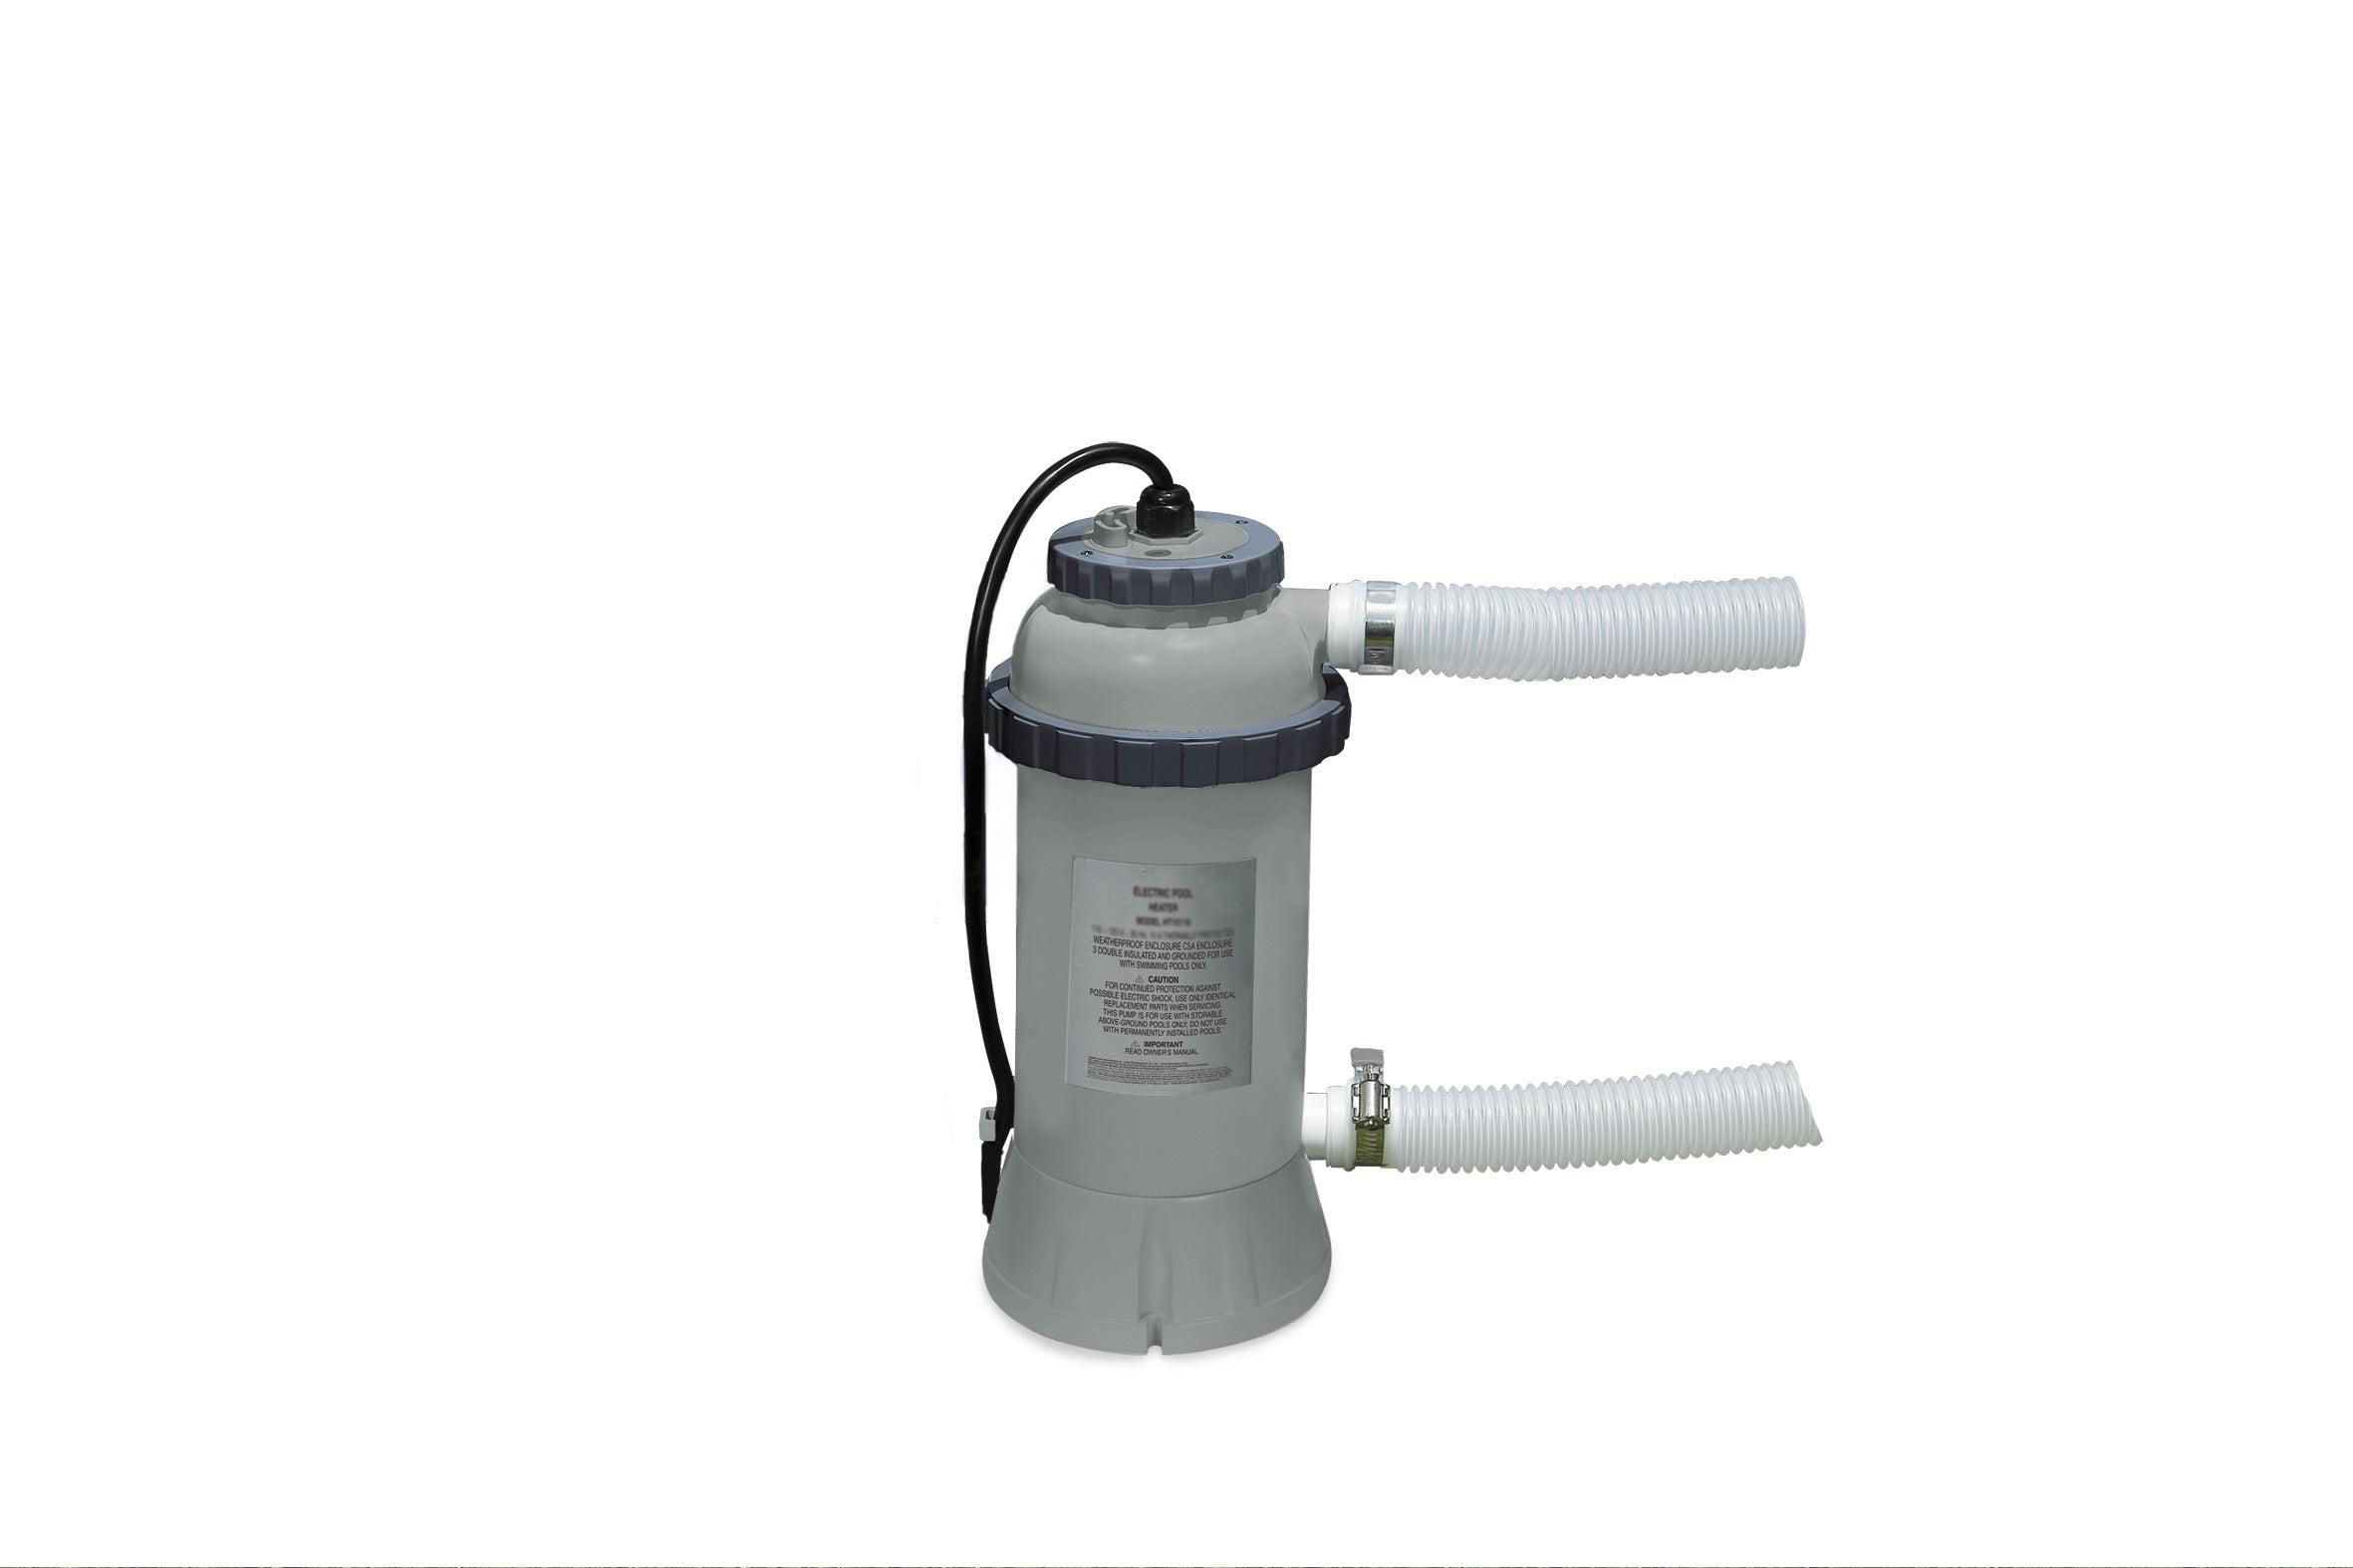 Réchauffeur Électrique Pour Piscine Intex Réchauffeur Pour Piscine 3000 W destiné Réchauffeur De Piscine Intex